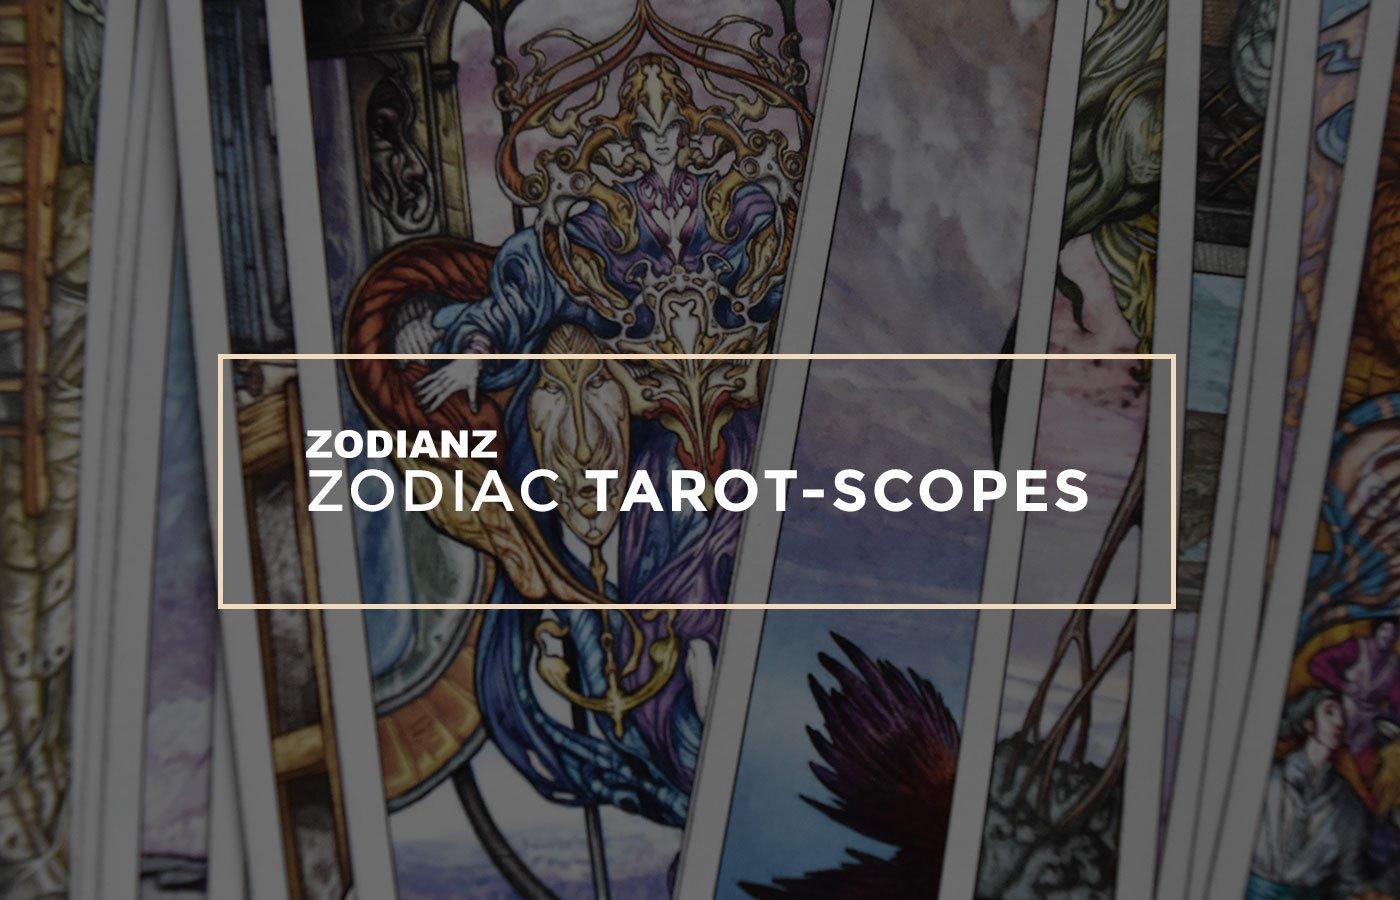 Zodianz Zodiac Tarot-Scopes Page by Joan Zodianz